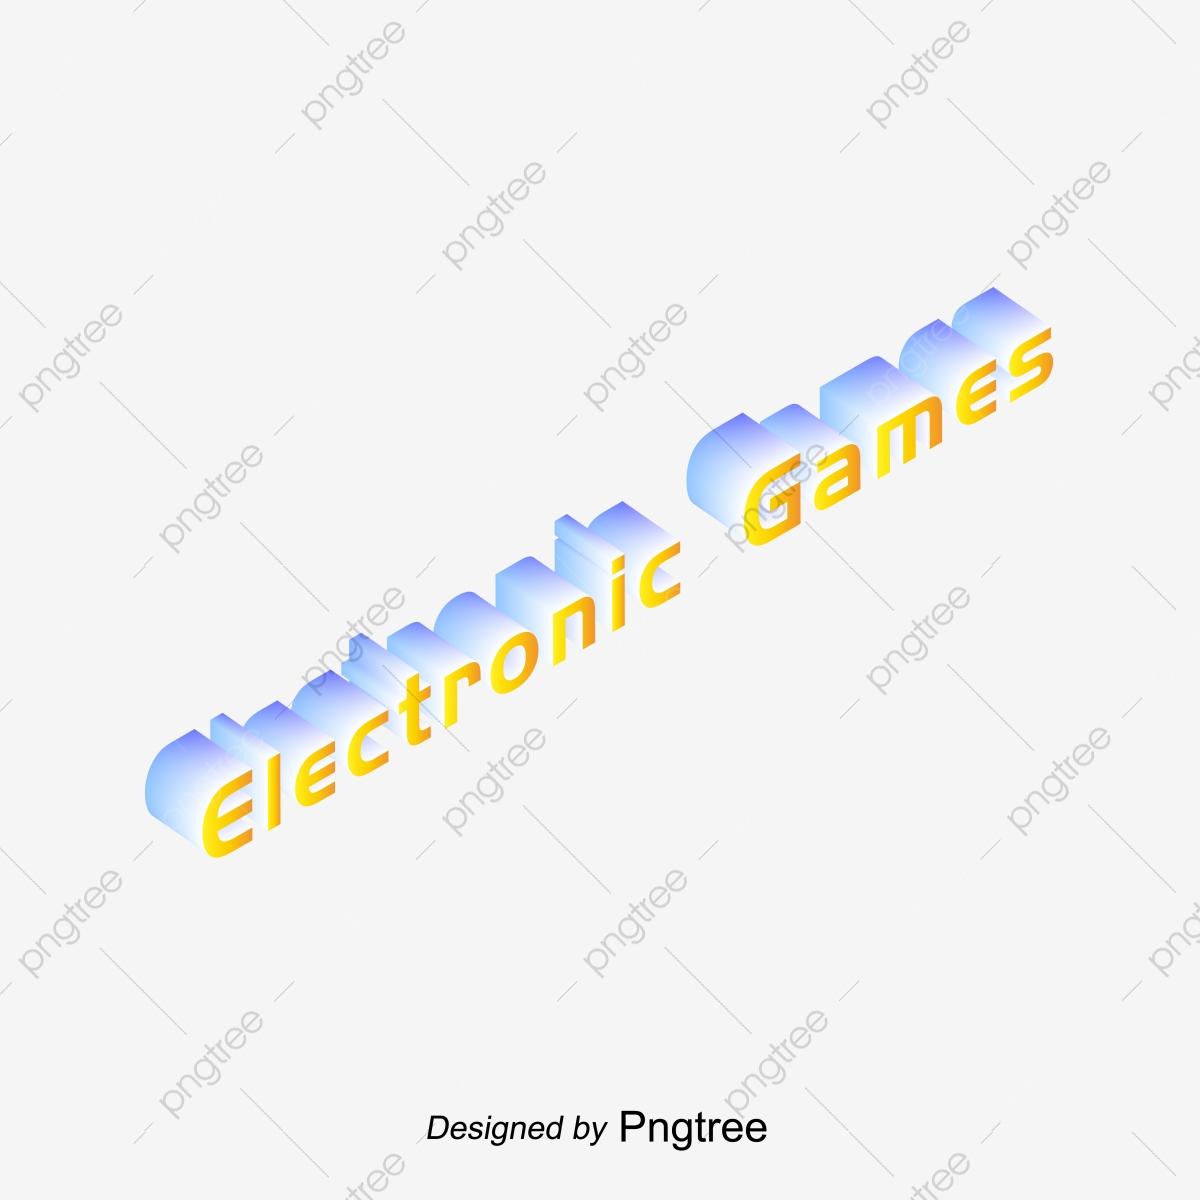 Jeu Vidéo D'alphabet Anglais De Style Stéréo, Stereo Style destiné Jeux En Anglais Gratuit